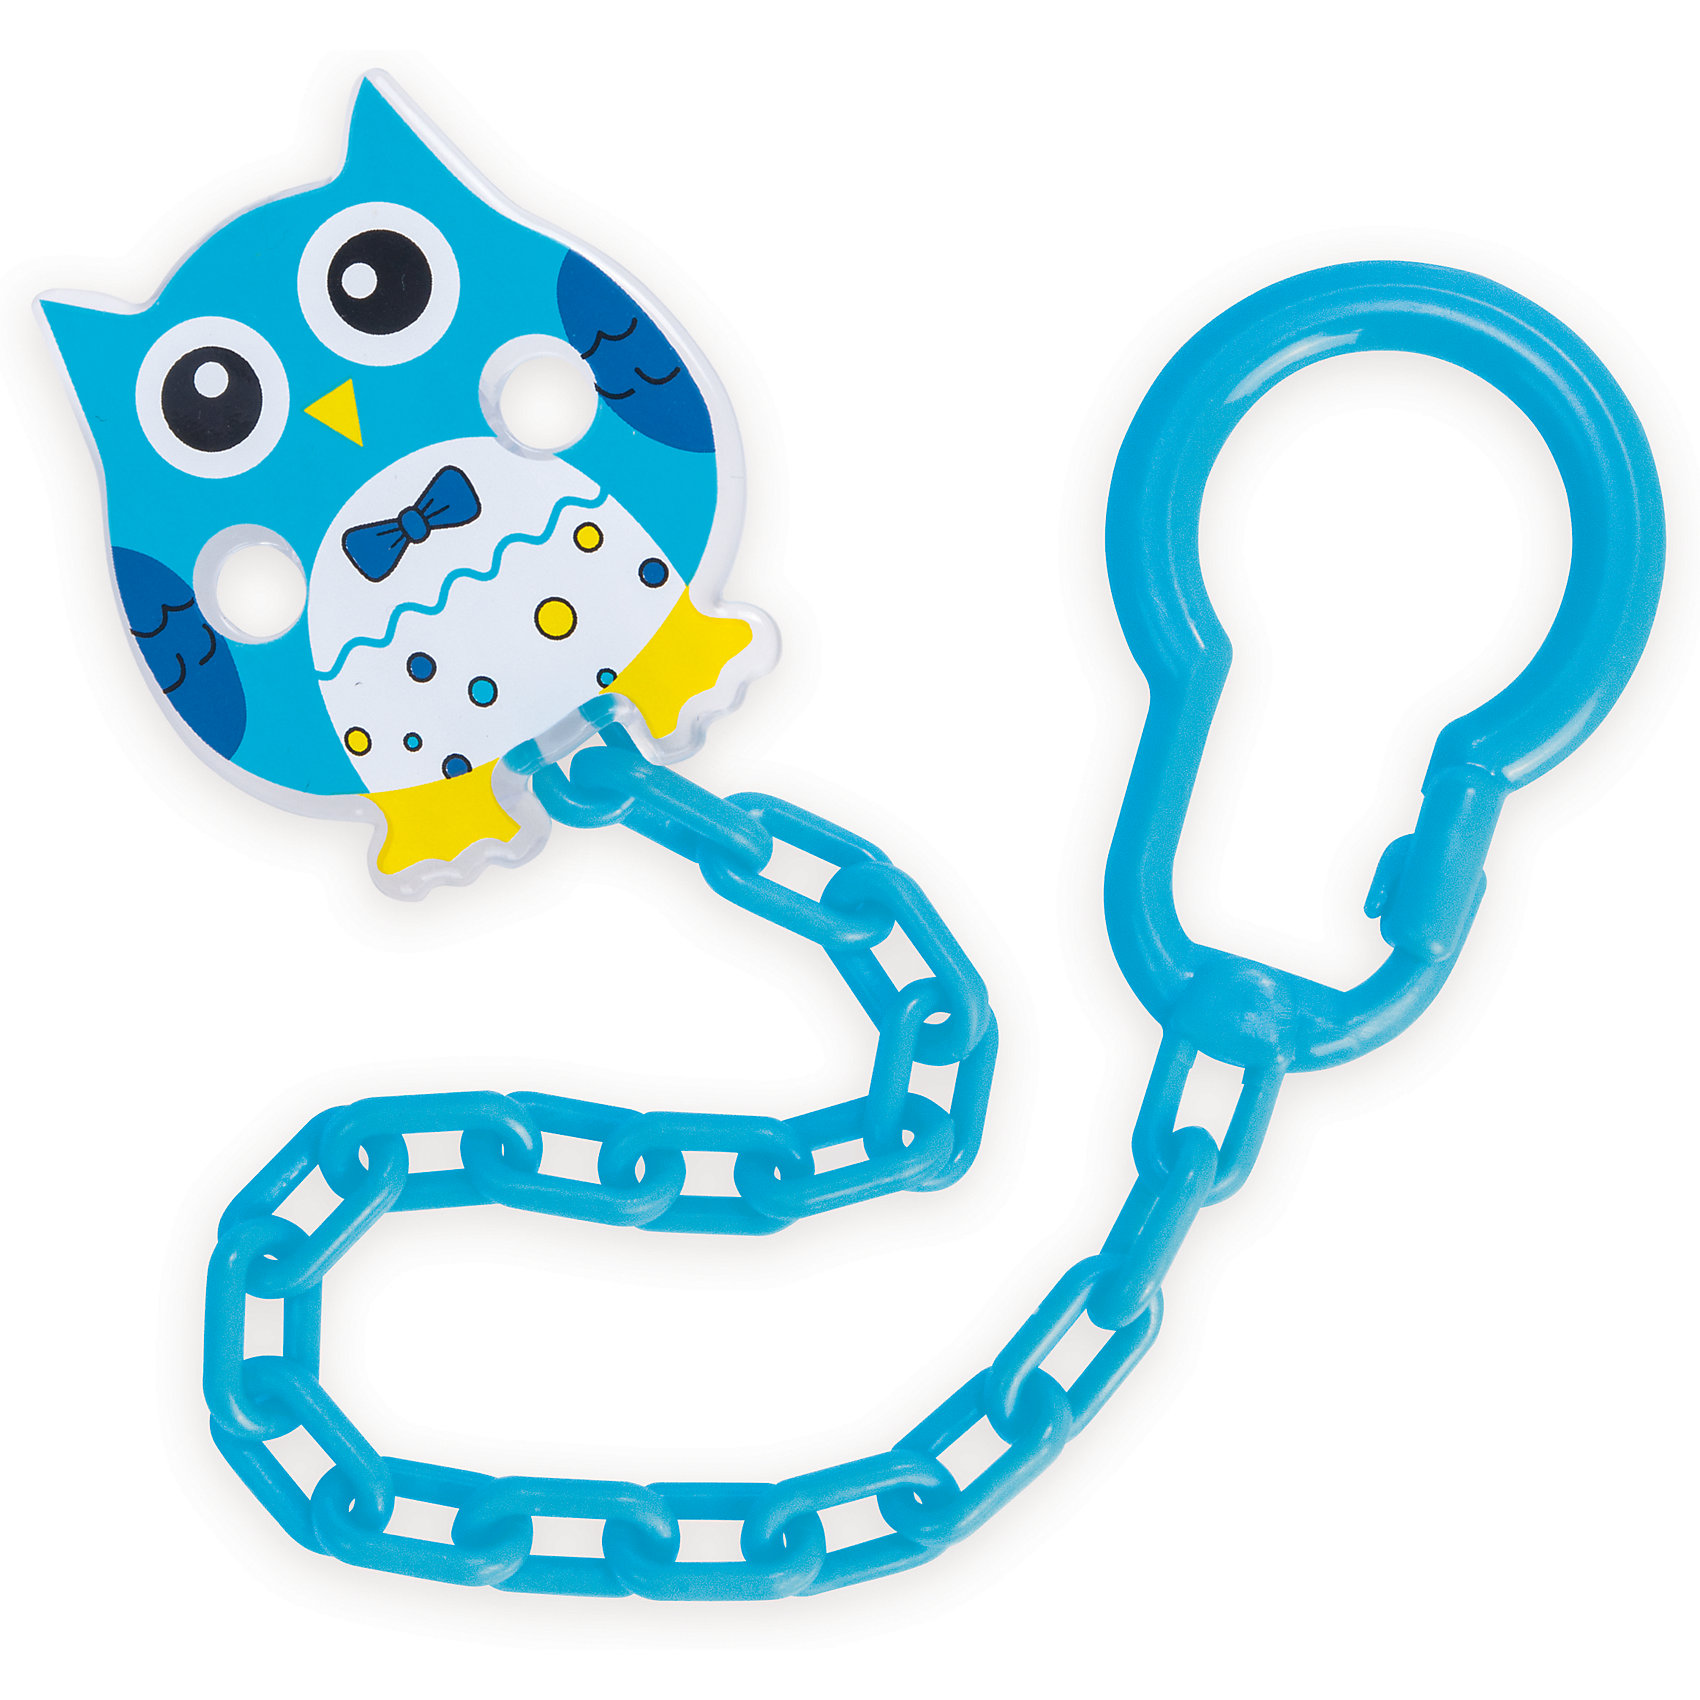 Клипса-держатель для пустышек Сова, 0+, Canpol Babies, синийАксессуары<br>Клипса-держатель для пустышек Сова, 0+, Canpol Babies, синий<br><br>Характеристика:<br>-Возраст: от 0 месяцев<br>-Цвет: синий<br>-Марка: Canpol Babies(Канпол Бэбис)<br><br>Клипса-держатель для пустышек Сова, 0+, Canpol Babies, синий без затруднений крепится на одежду ребёнка, не повреждая её. Клипса-держатель изготовлена из качественных, прочных материалов. Не имеет острых углов, поэтому малыш не сможет пораниться. Также она имеет интересный дизайн и будет радовать вашего ребёнка и вас. <br><br>Клипса-держатель для пустышек Сова, 0+, Canpol Babies, синий можно приобрести в нашем интернет-магазине.<br><br>Ширина мм: 95<br>Глубина мм: 22<br>Высота мм: 155<br>Вес г: 80<br>Возраст от месяцев: 0<br>Возраст до месяцев: 36<br>Пол: Мужской<br>Возраст: Детский<br>SKU: 5156660